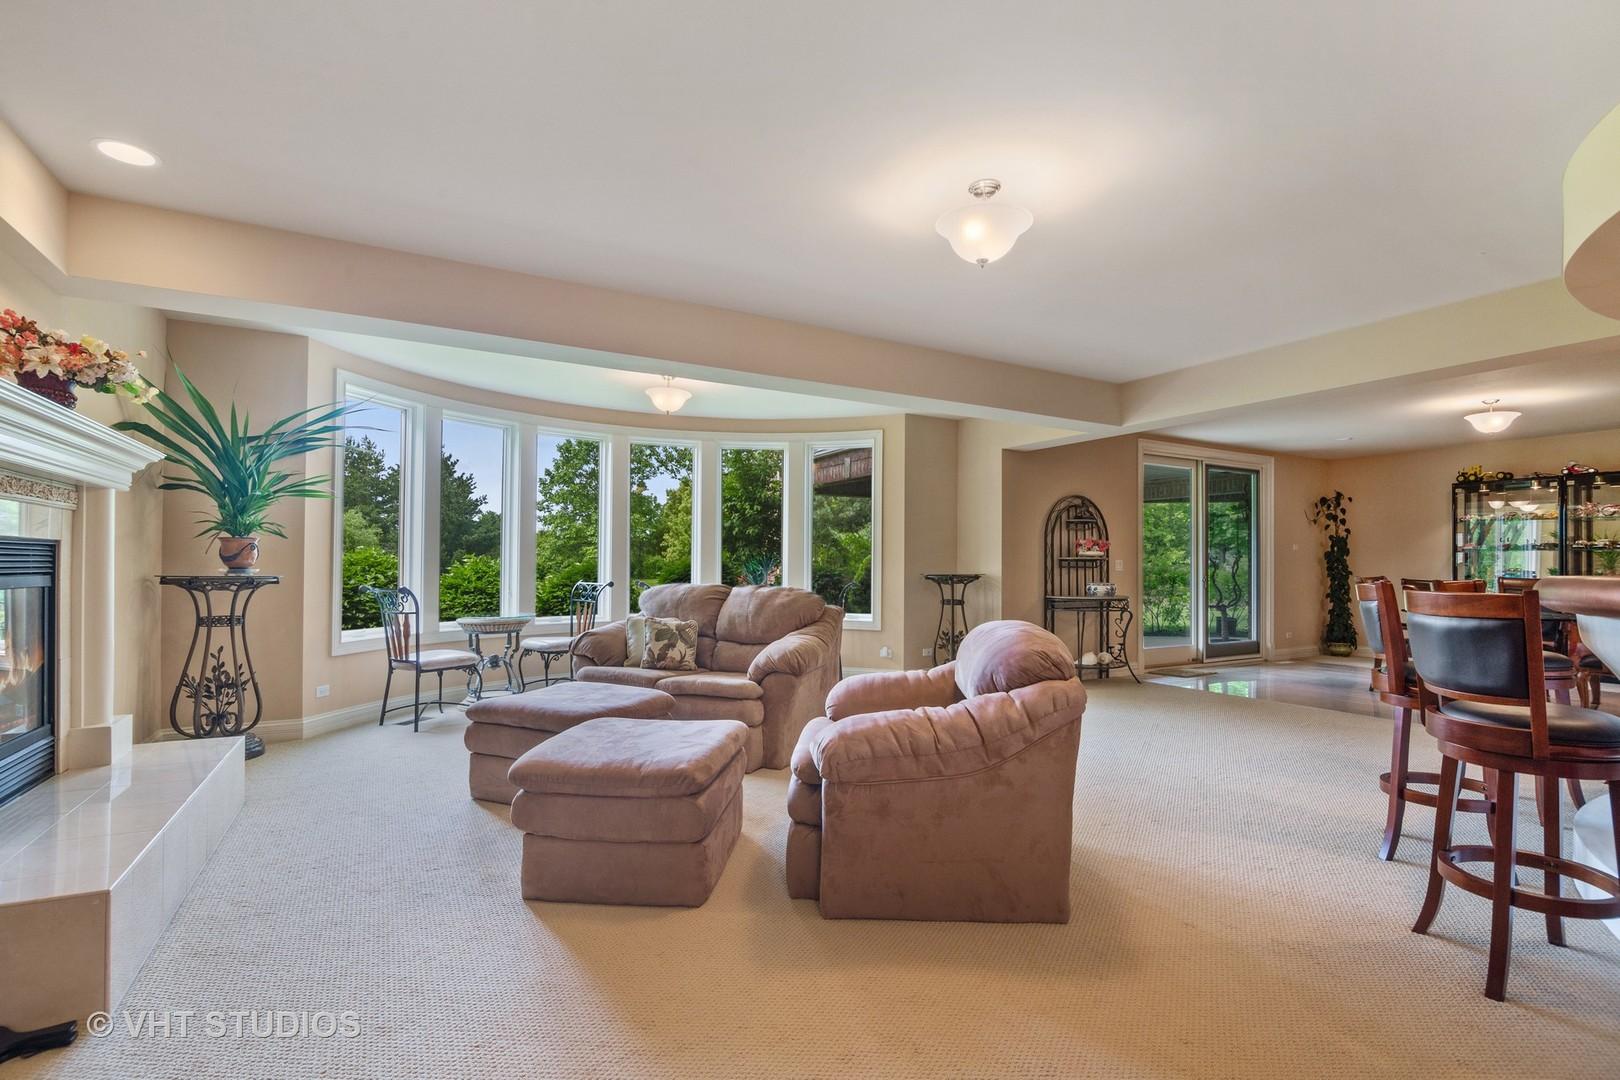 151 Palmer, Vernon Hills, Illinois, 60061